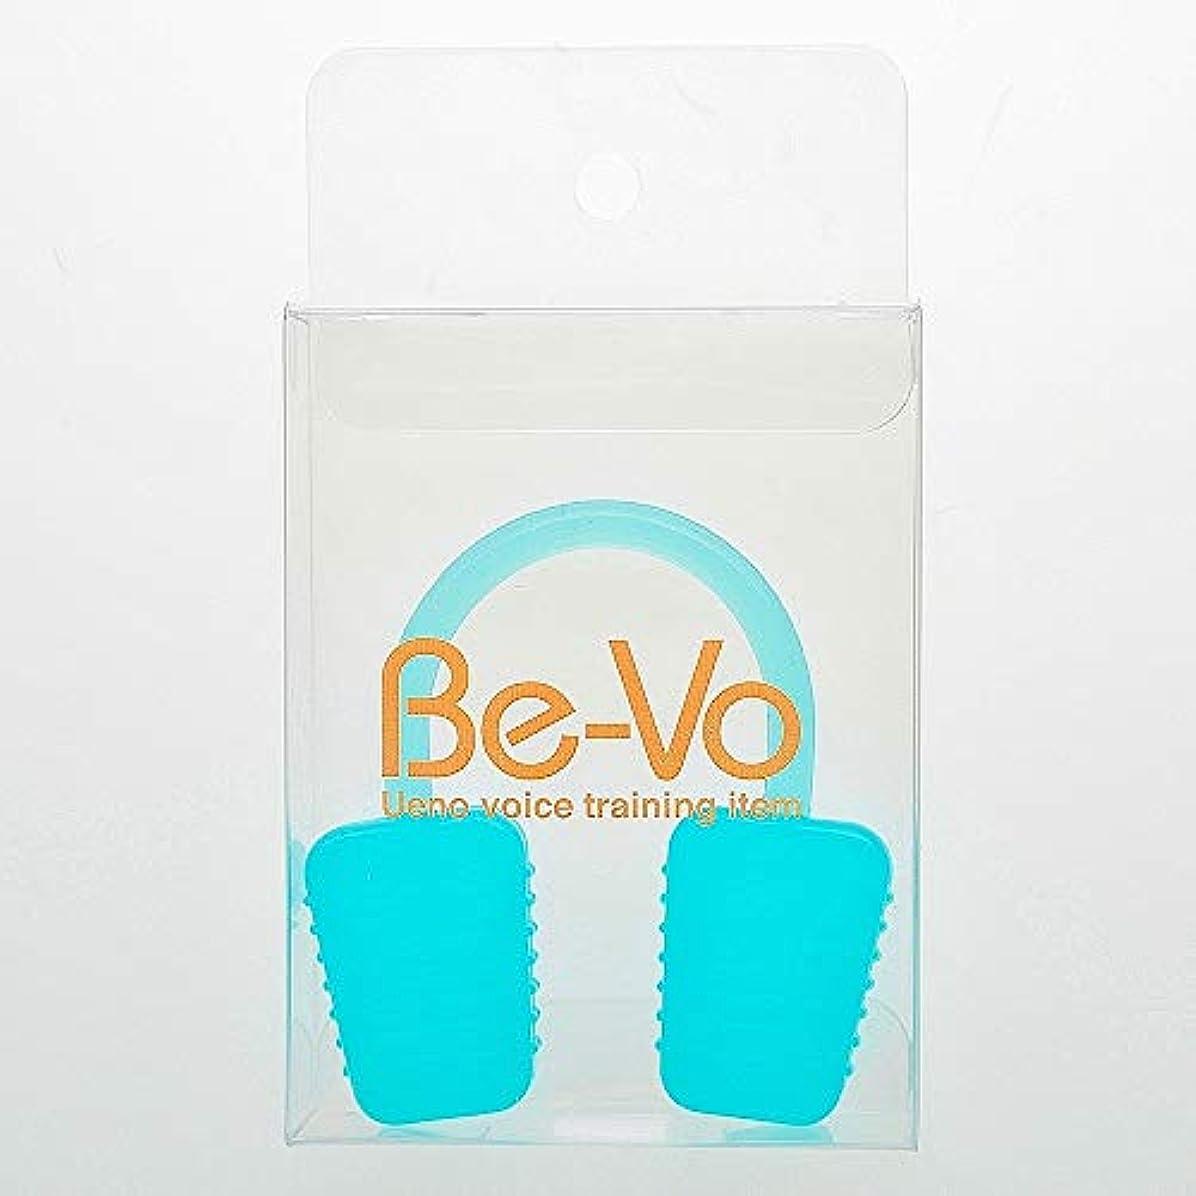 シチリア大学院顕著Be-Vo (ビーボ) ボイストレーニング器具 自宅で簡単ボイトレグッズ (ブルー)